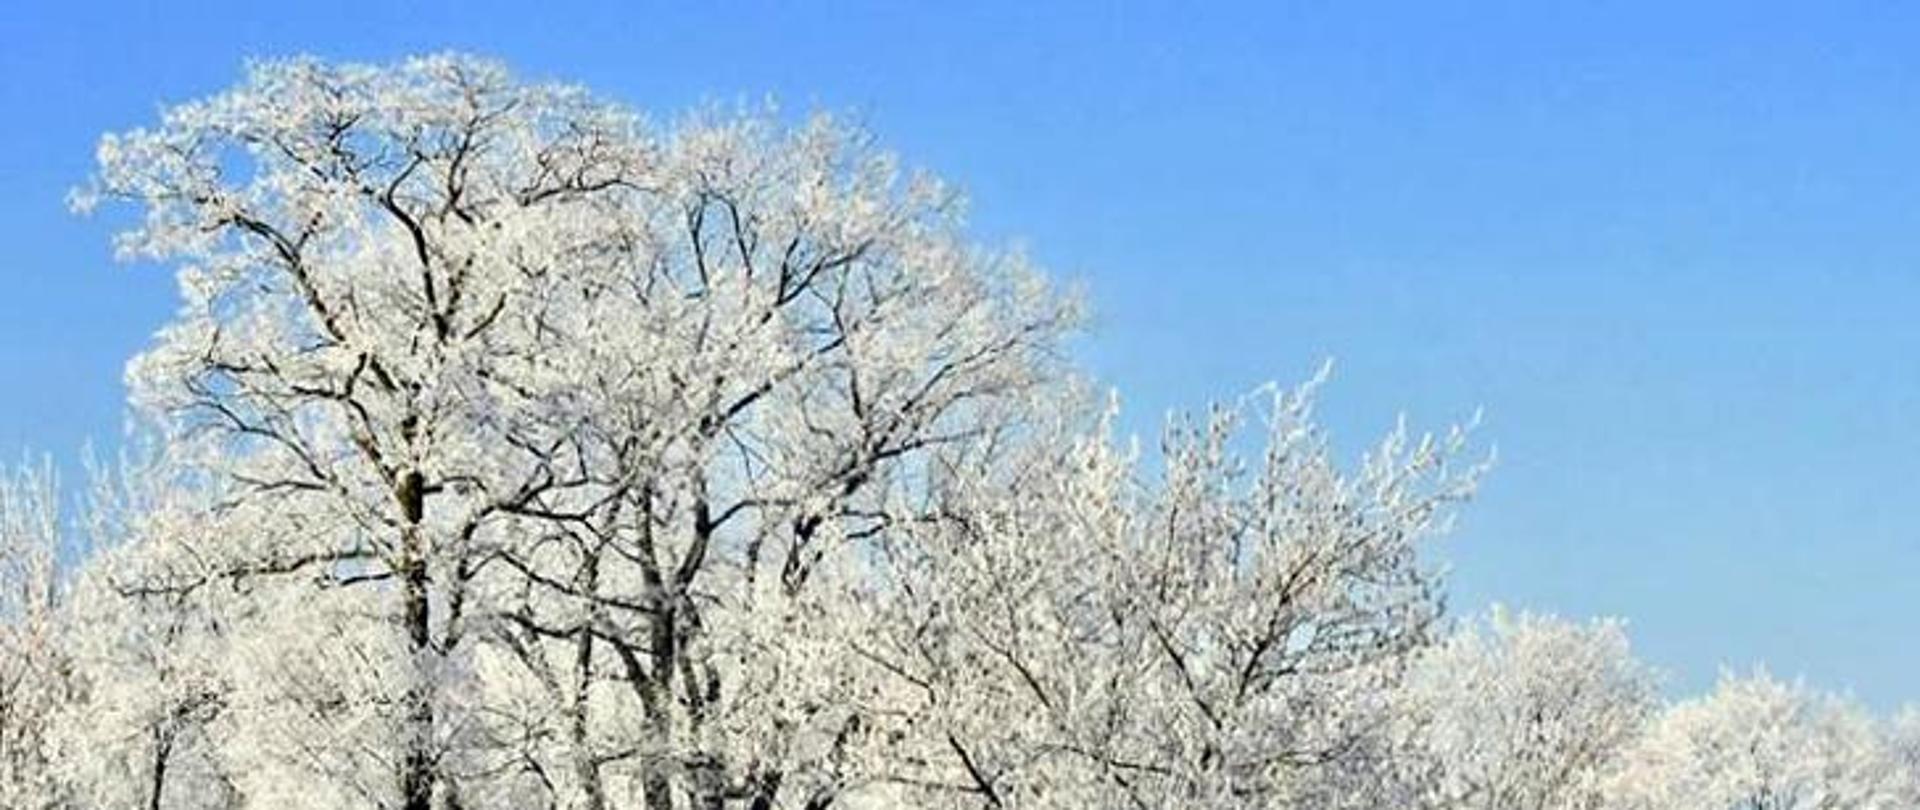 Na zdjęciu widać oszronioną koronę drzewa. W tle błękitne niebo.